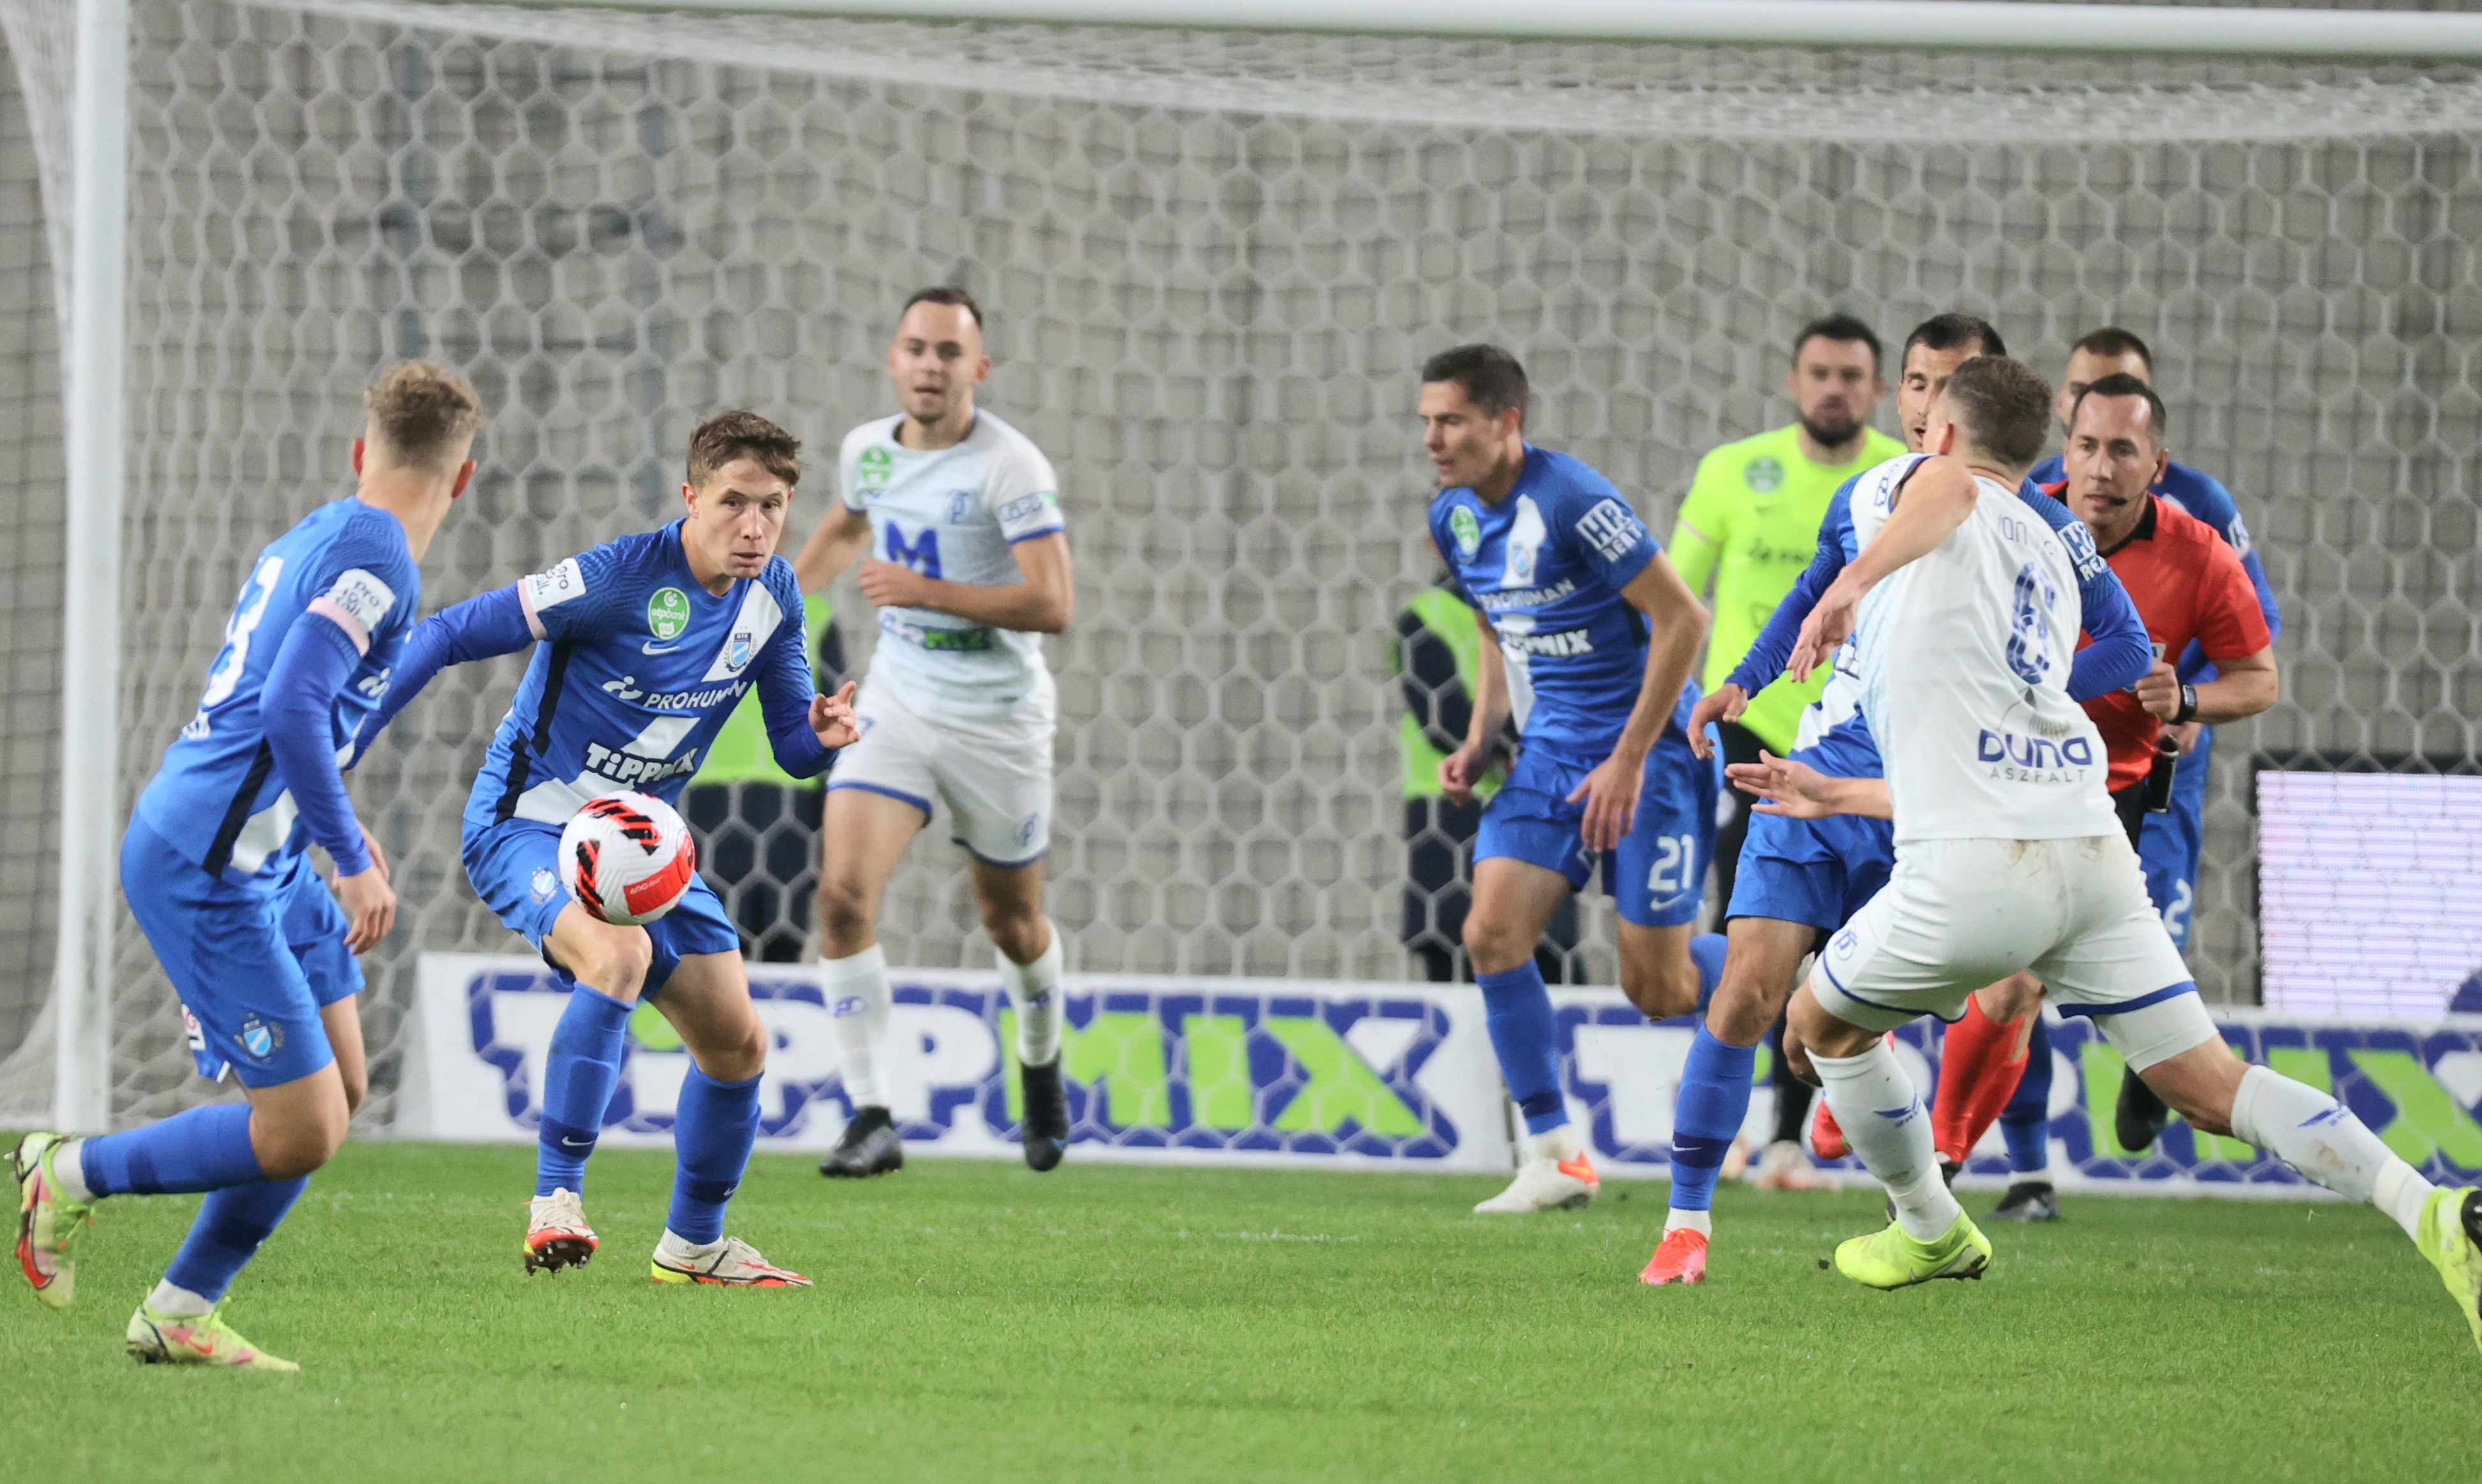 Kiegyenlített mérkőzésen egy gól döntött a Puskás Akadémia javára